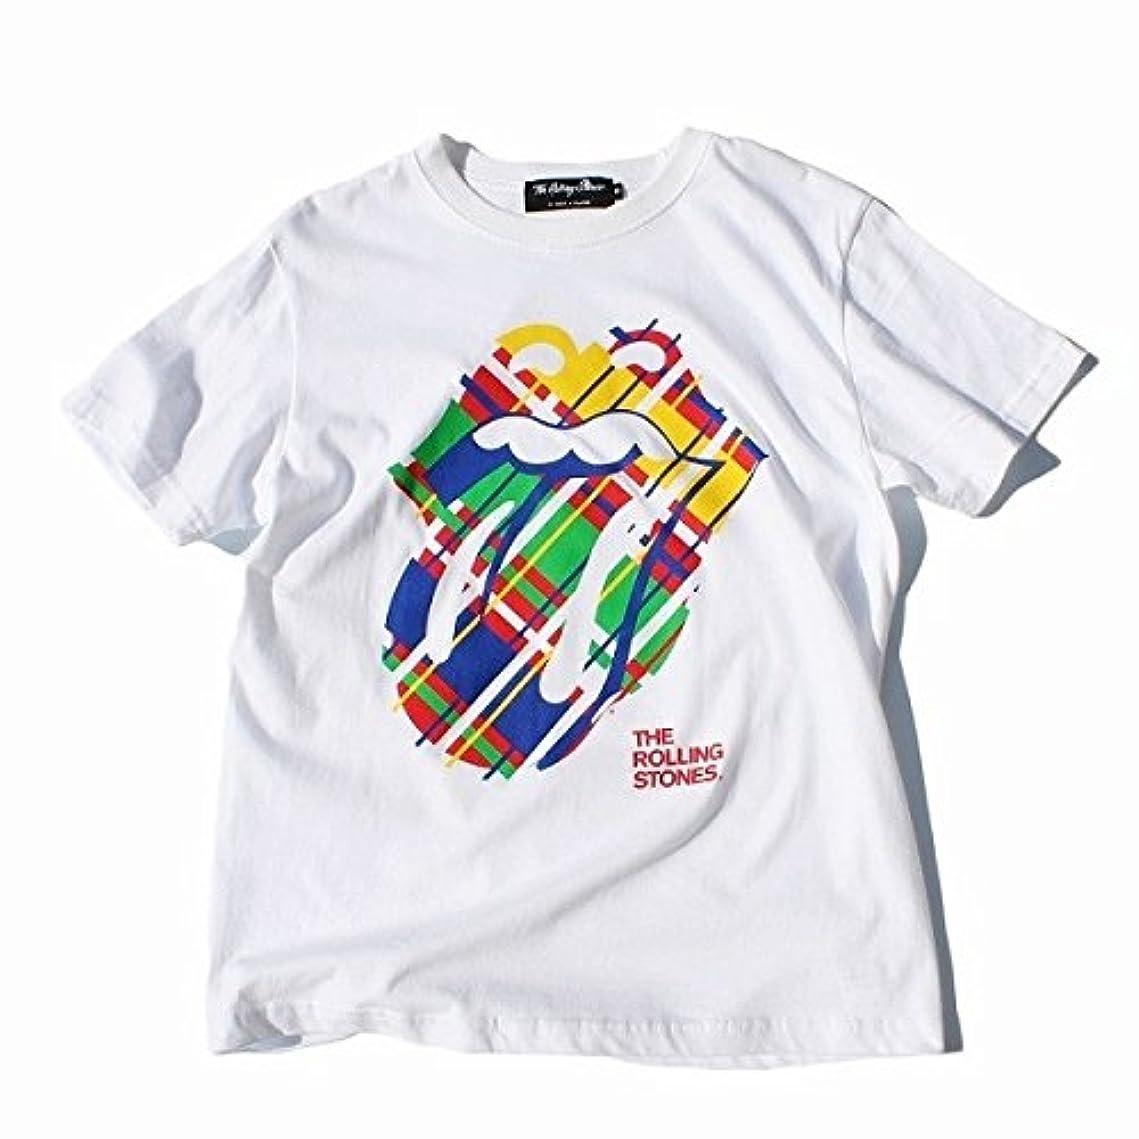 オーバーコート従事した傷跡ローリングストーンズ(The Rolling Stones) チェックロゴ Tシャツ